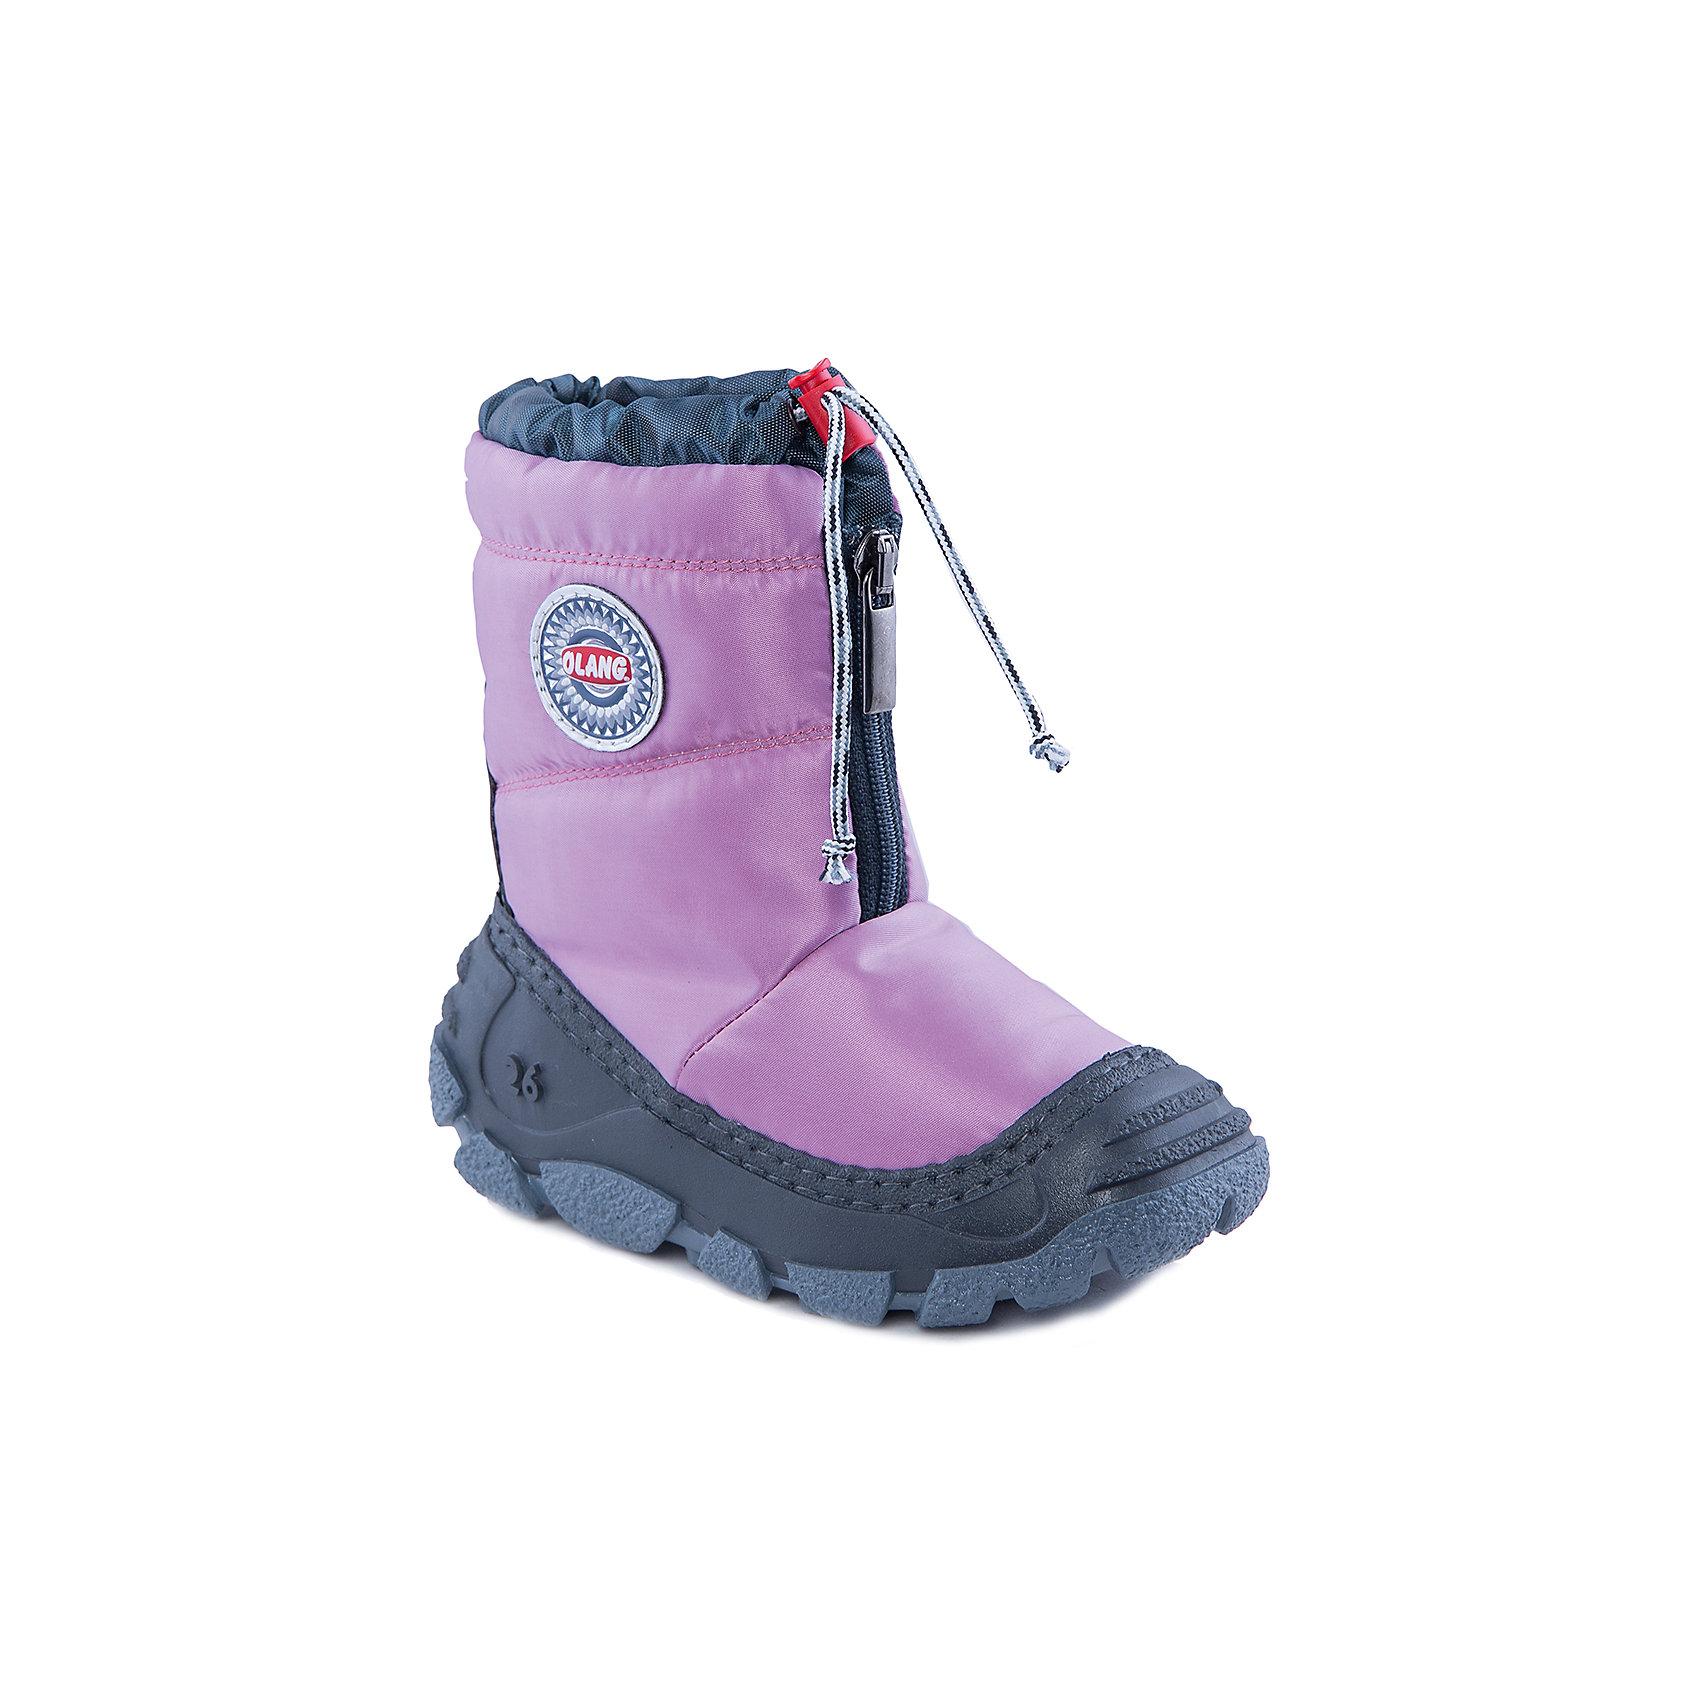 Сноубутсы для девочки OlangСноубутсы<br>Начните холодный сезон вместе с Olang! Розовые сапоги будут радовать ребенка и защищать его ноги от влаги и холода. А специальная застежка-фиксатор в верхней части обуви предотвращает попадание снега и воды внутрь.<br>Состав: <br>Материал верха:текстиль<br>Материал подклада: искусственный мех<br><br>Ширина мм: 257<br>Глубина мм: 180<br>Высота мм: 130<br>Вес г: 420<br>Цвет: розовый<br>Возраст от месяцев: 24<br>Возраст до месяцев: 24<br>Пол: Женский<br>Возраст: Детский<br>Размер: 25/26,27/28,29/30<br>SKU: 4279313